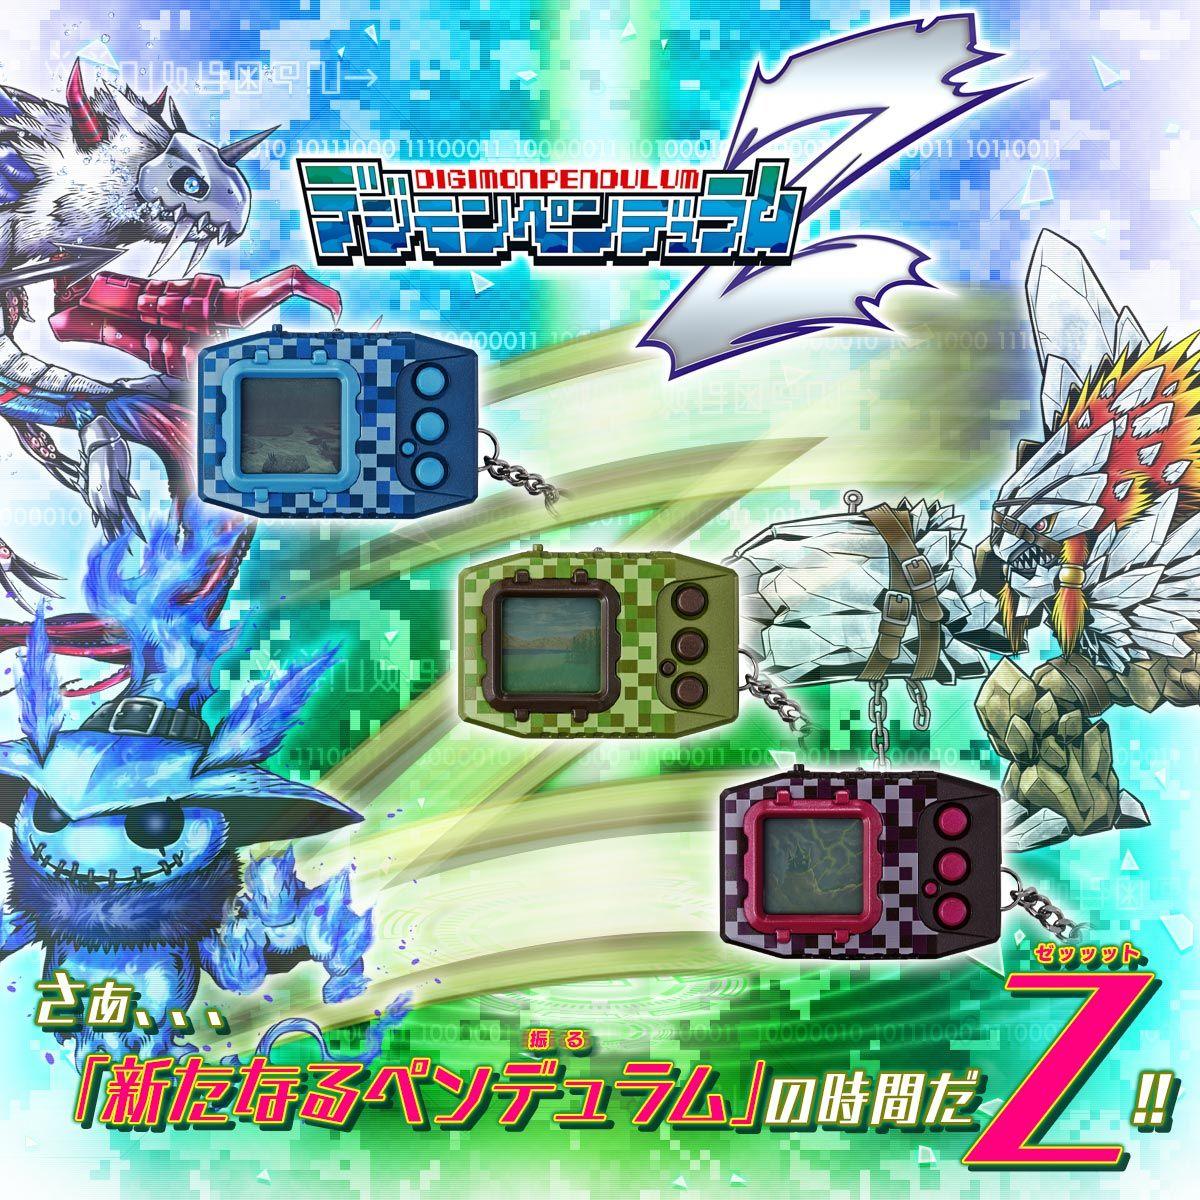 【限定販売】デジタルモンスター『デジモンペンデュラムZ』携帯型液晶育成ゲーム-001